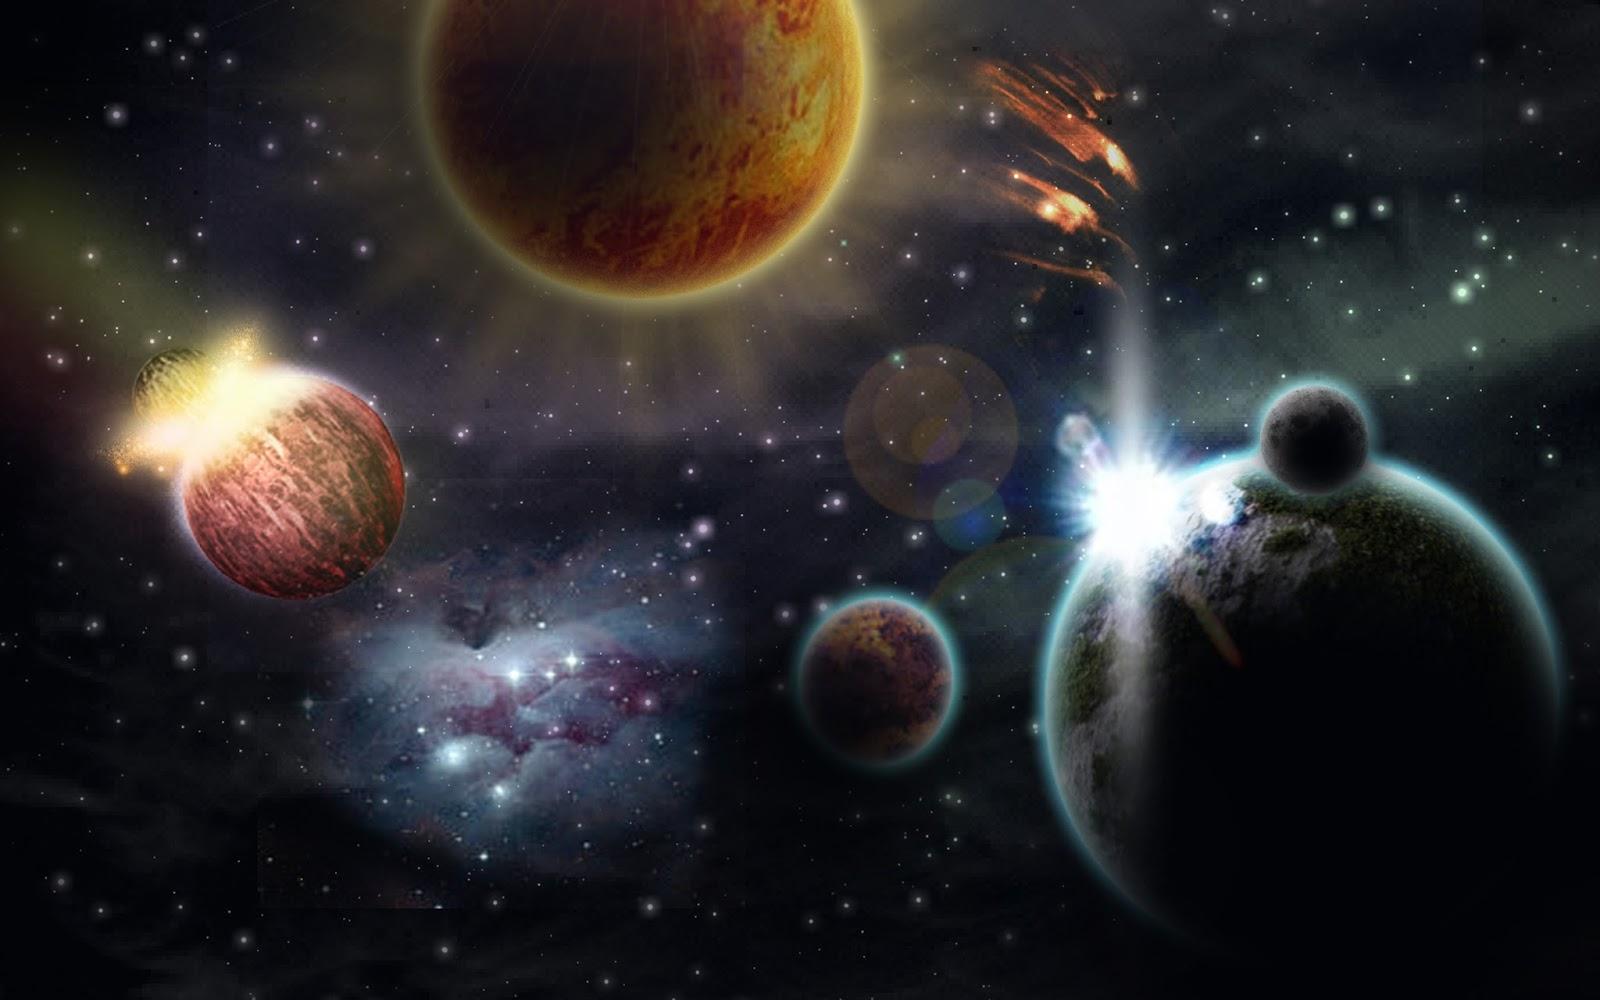 Картинки для декупажа космос в хорошем качестве